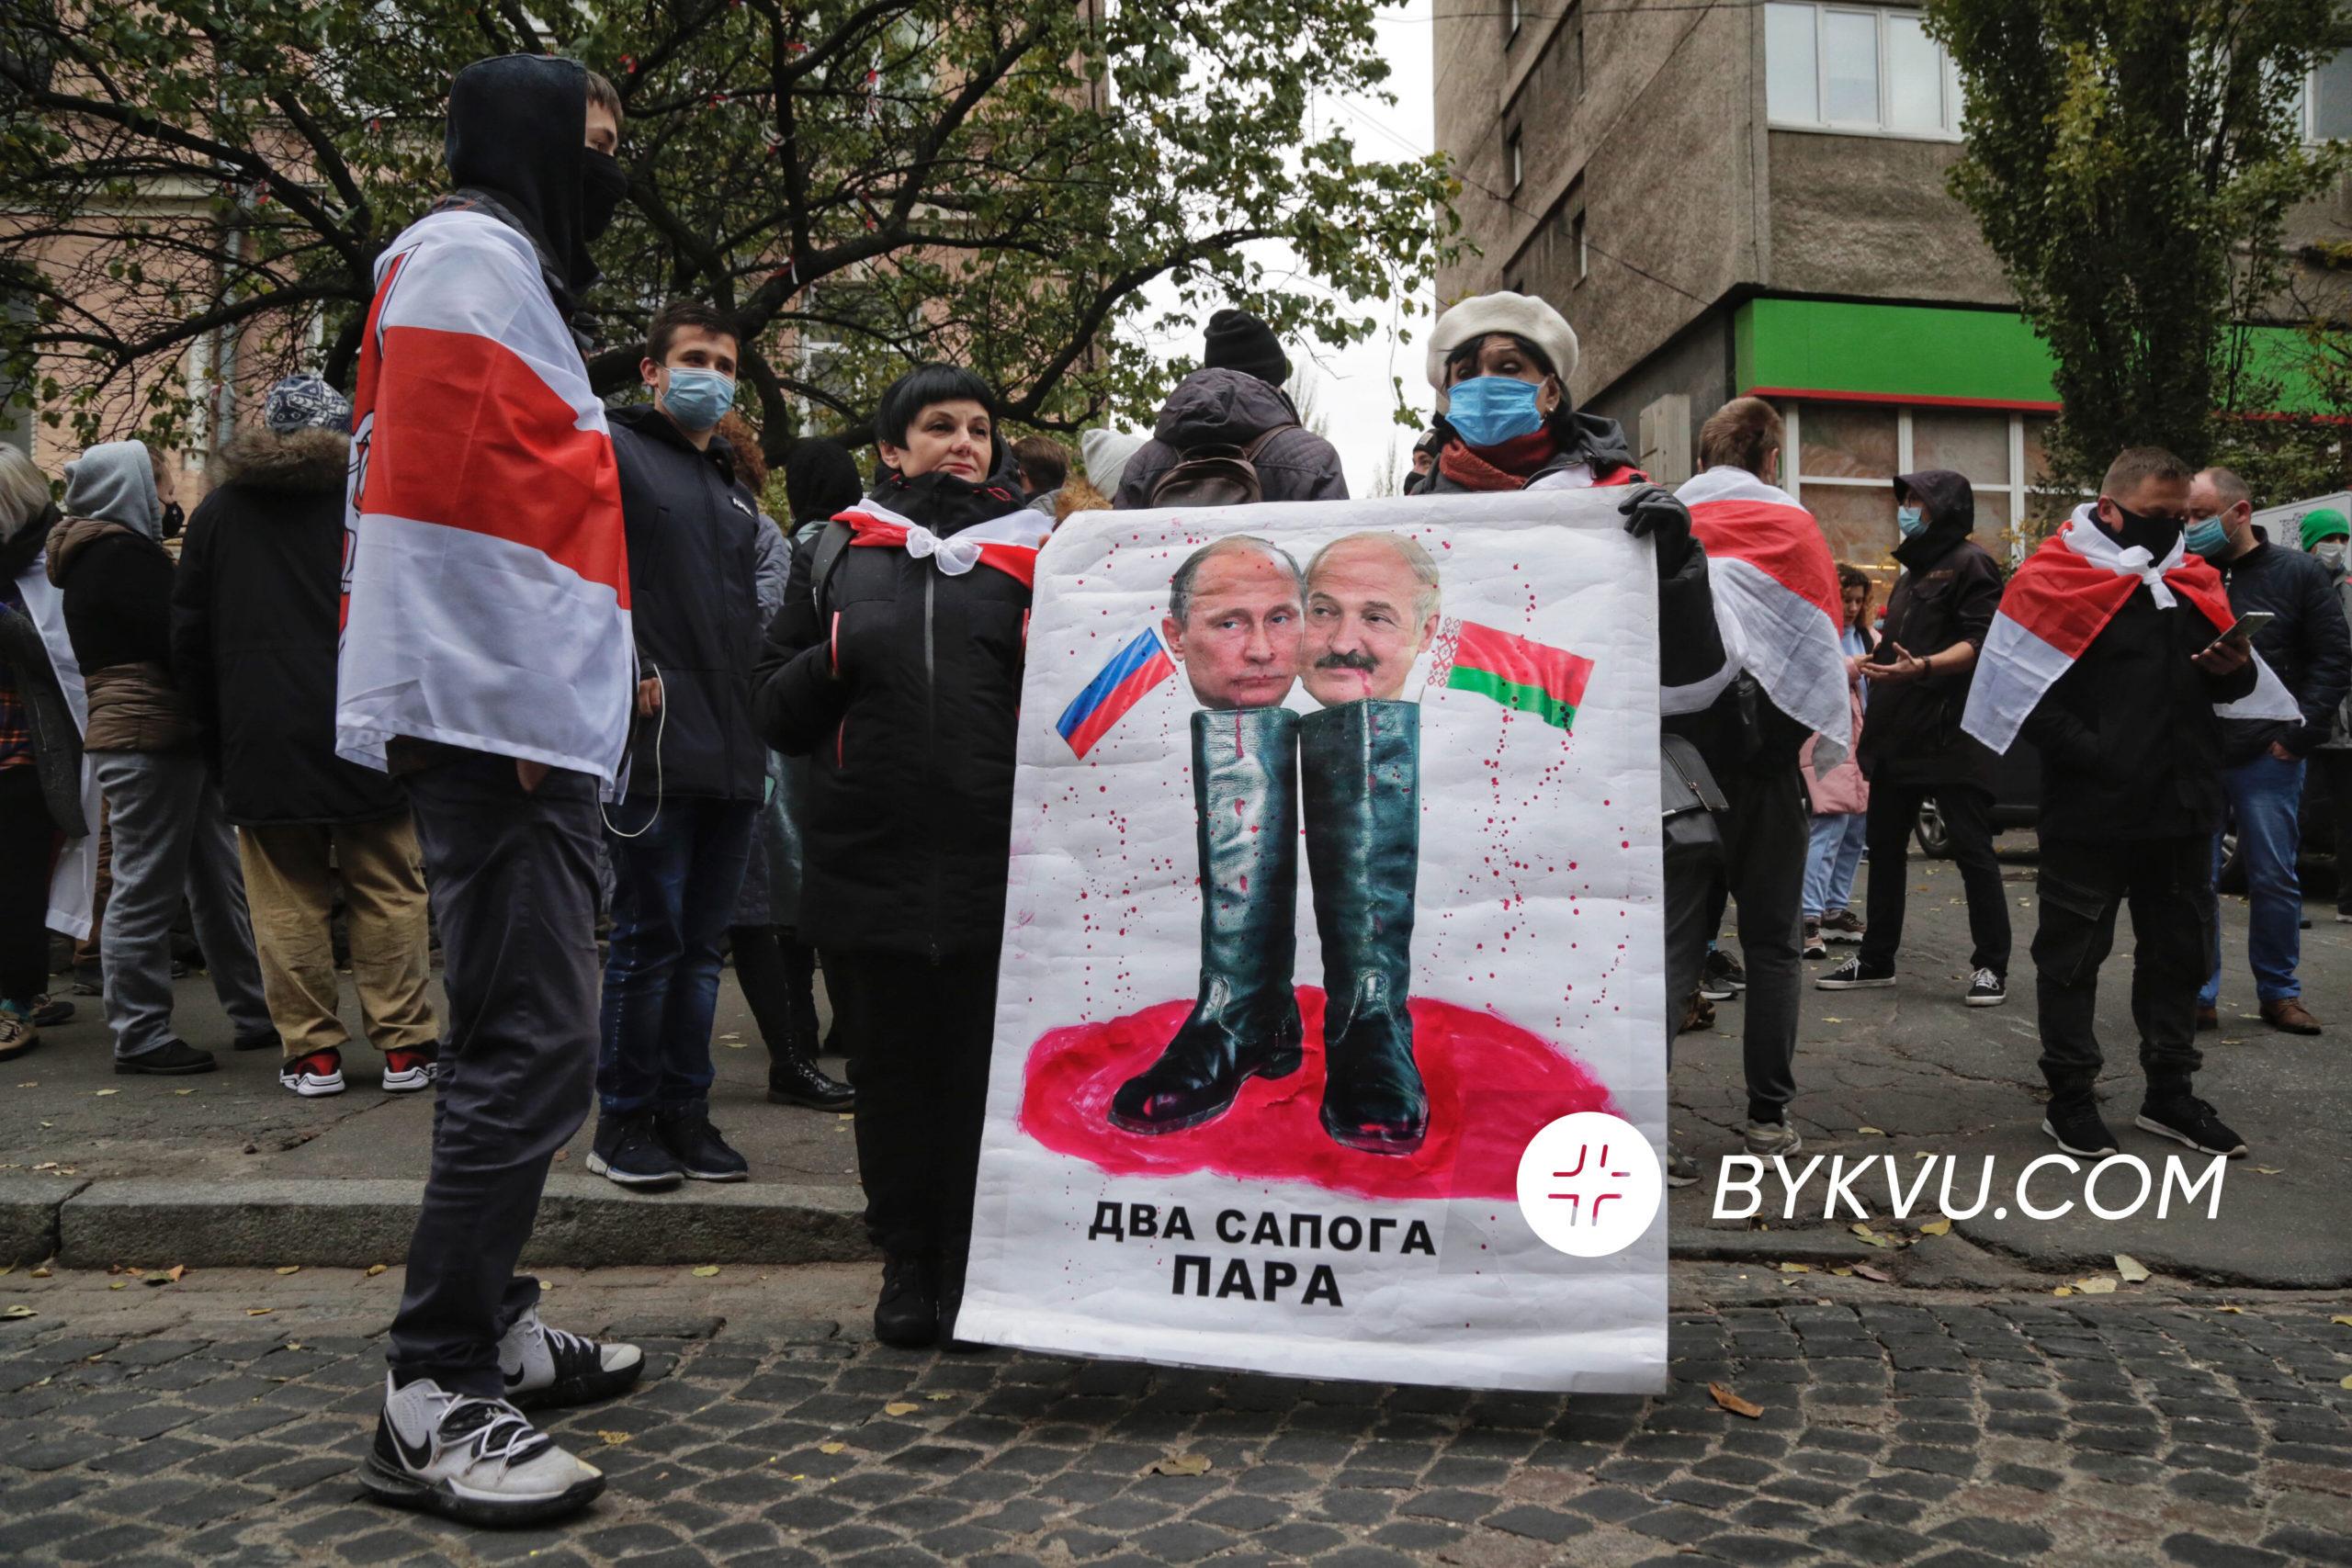 В Минске умер 31-летний сторонник оппозиции Роман Бондаренко, которого избили на «Площади перемен». На акцию его памяти пришли тысячи людей